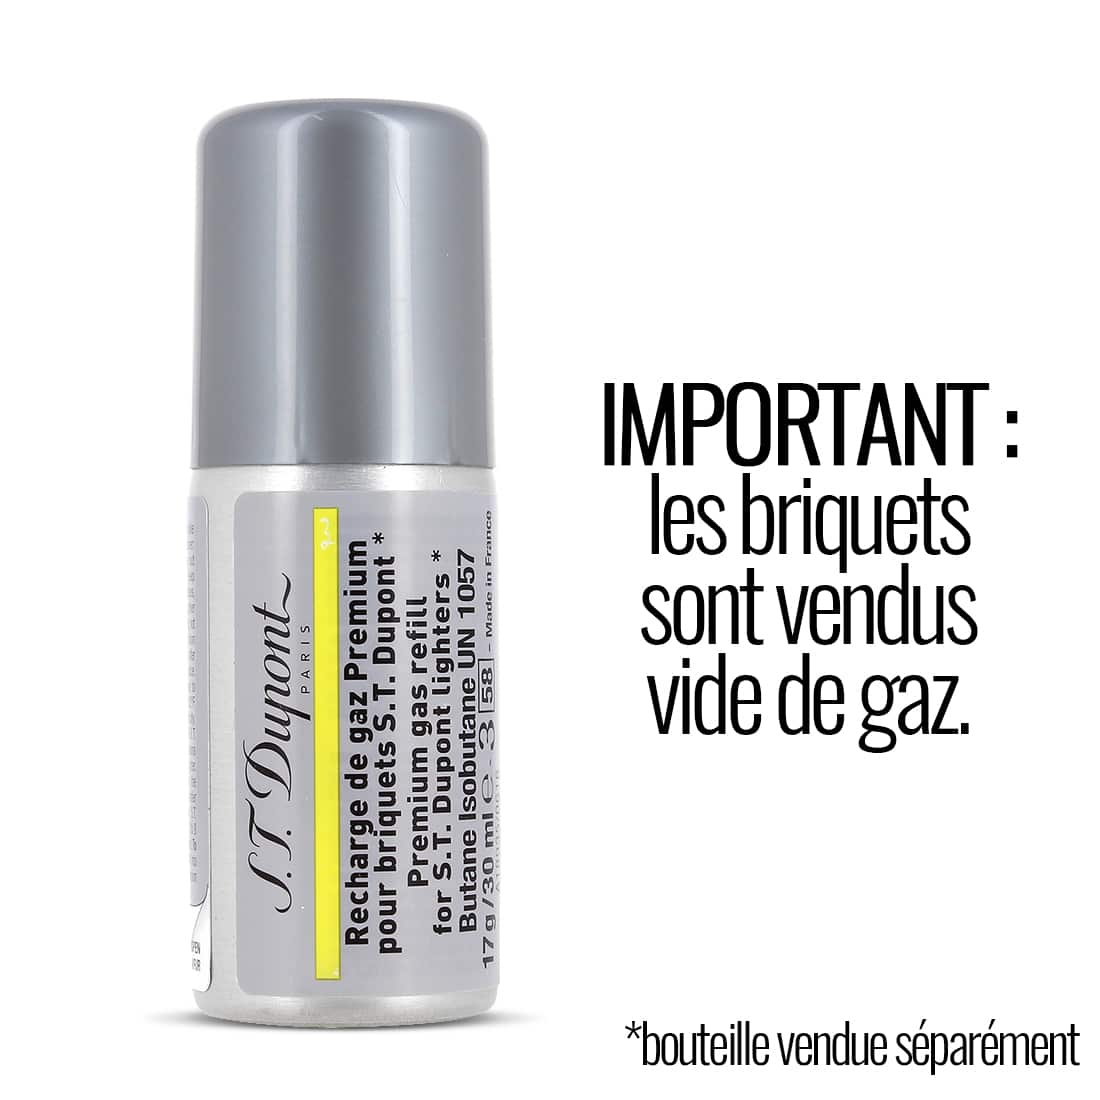 Photo #5 de Briquet S.T. Dupont Ligne 2 pointe de diamant finition or